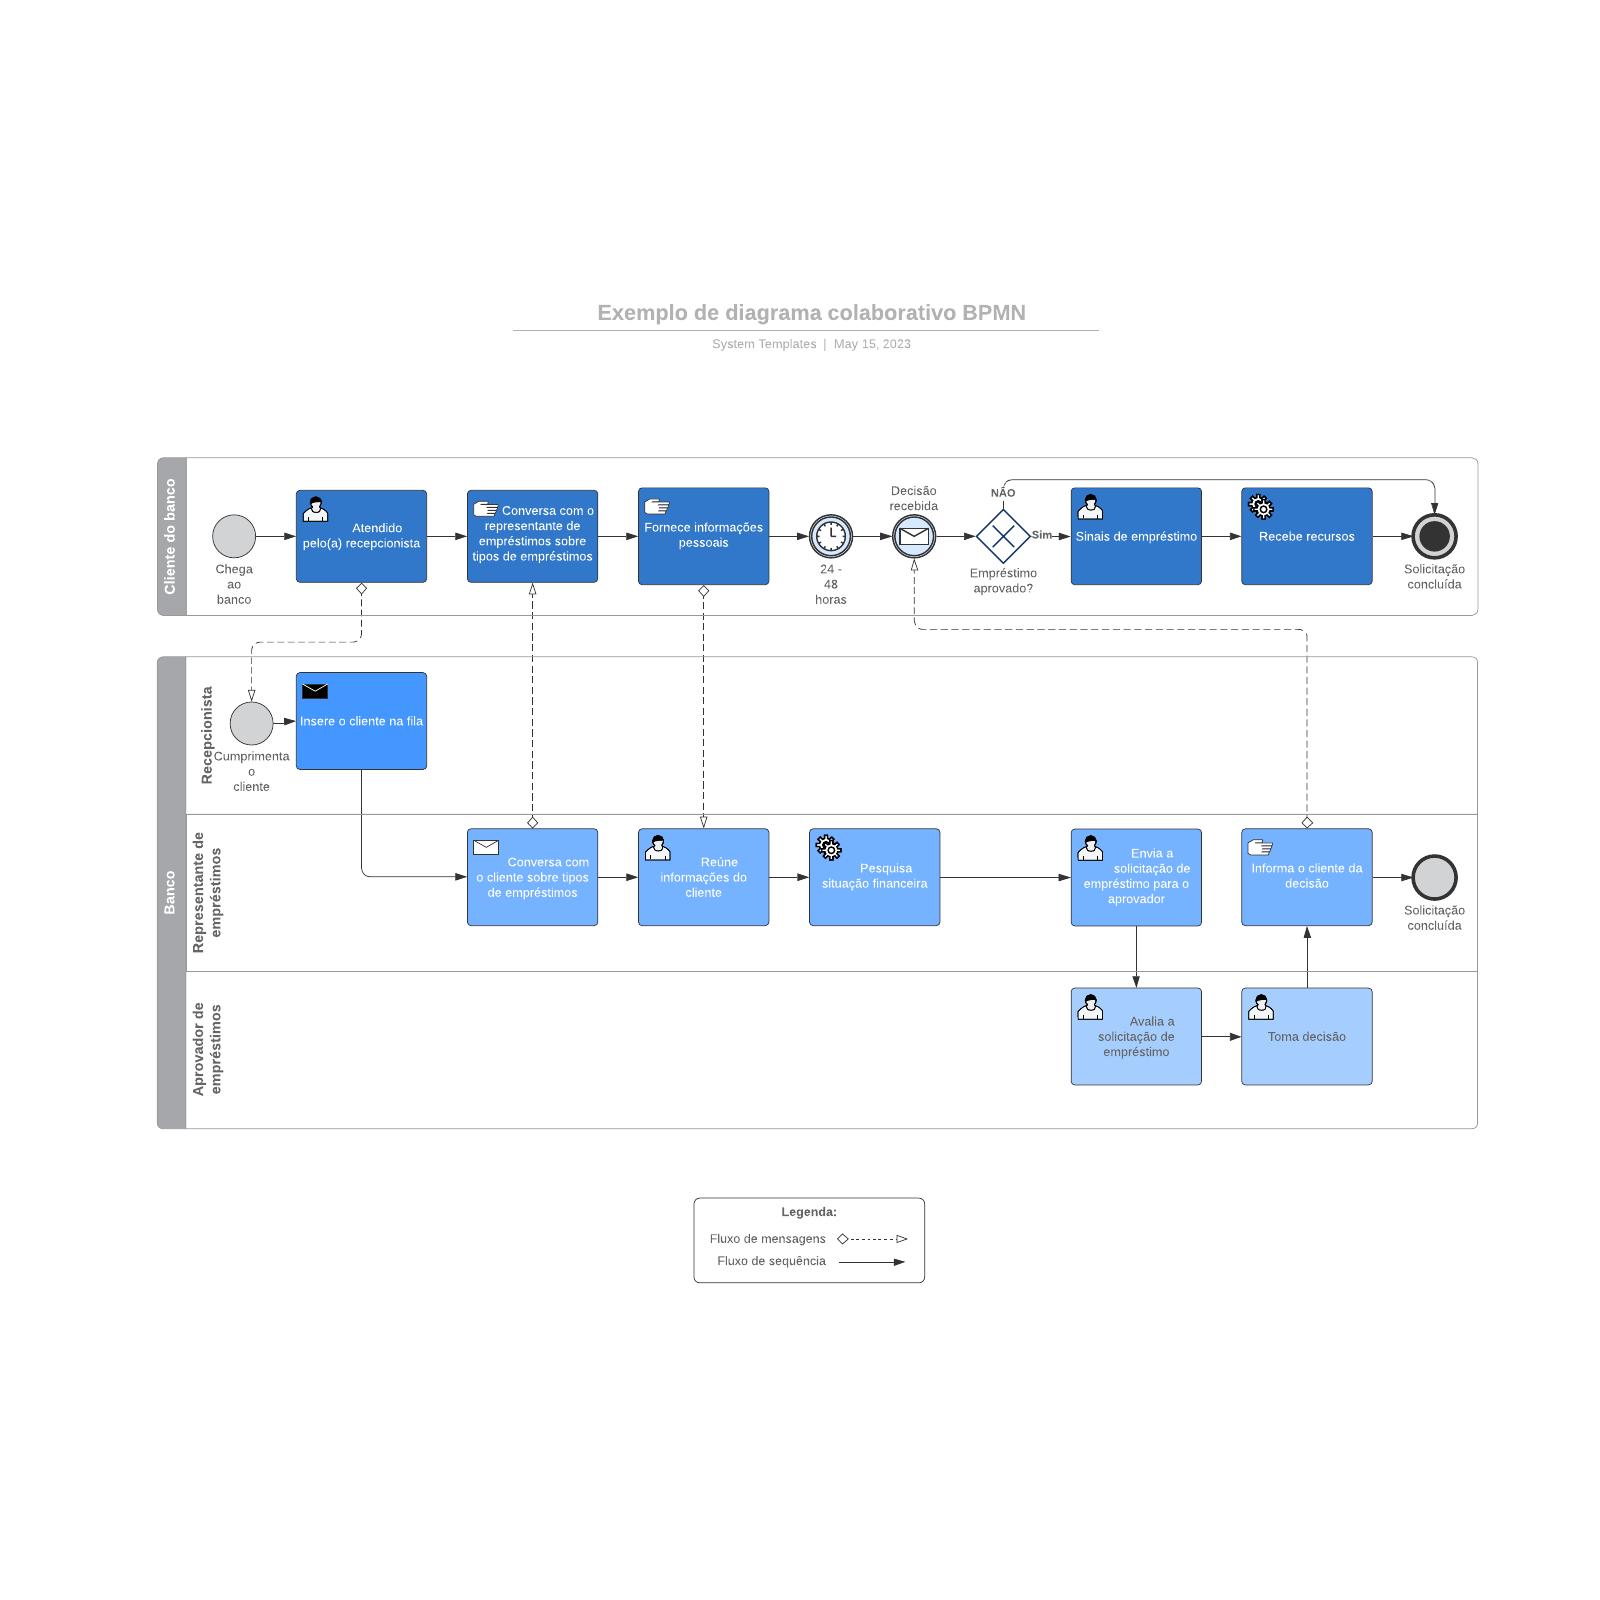 Exemplo de diagrama colaborativo BPMN